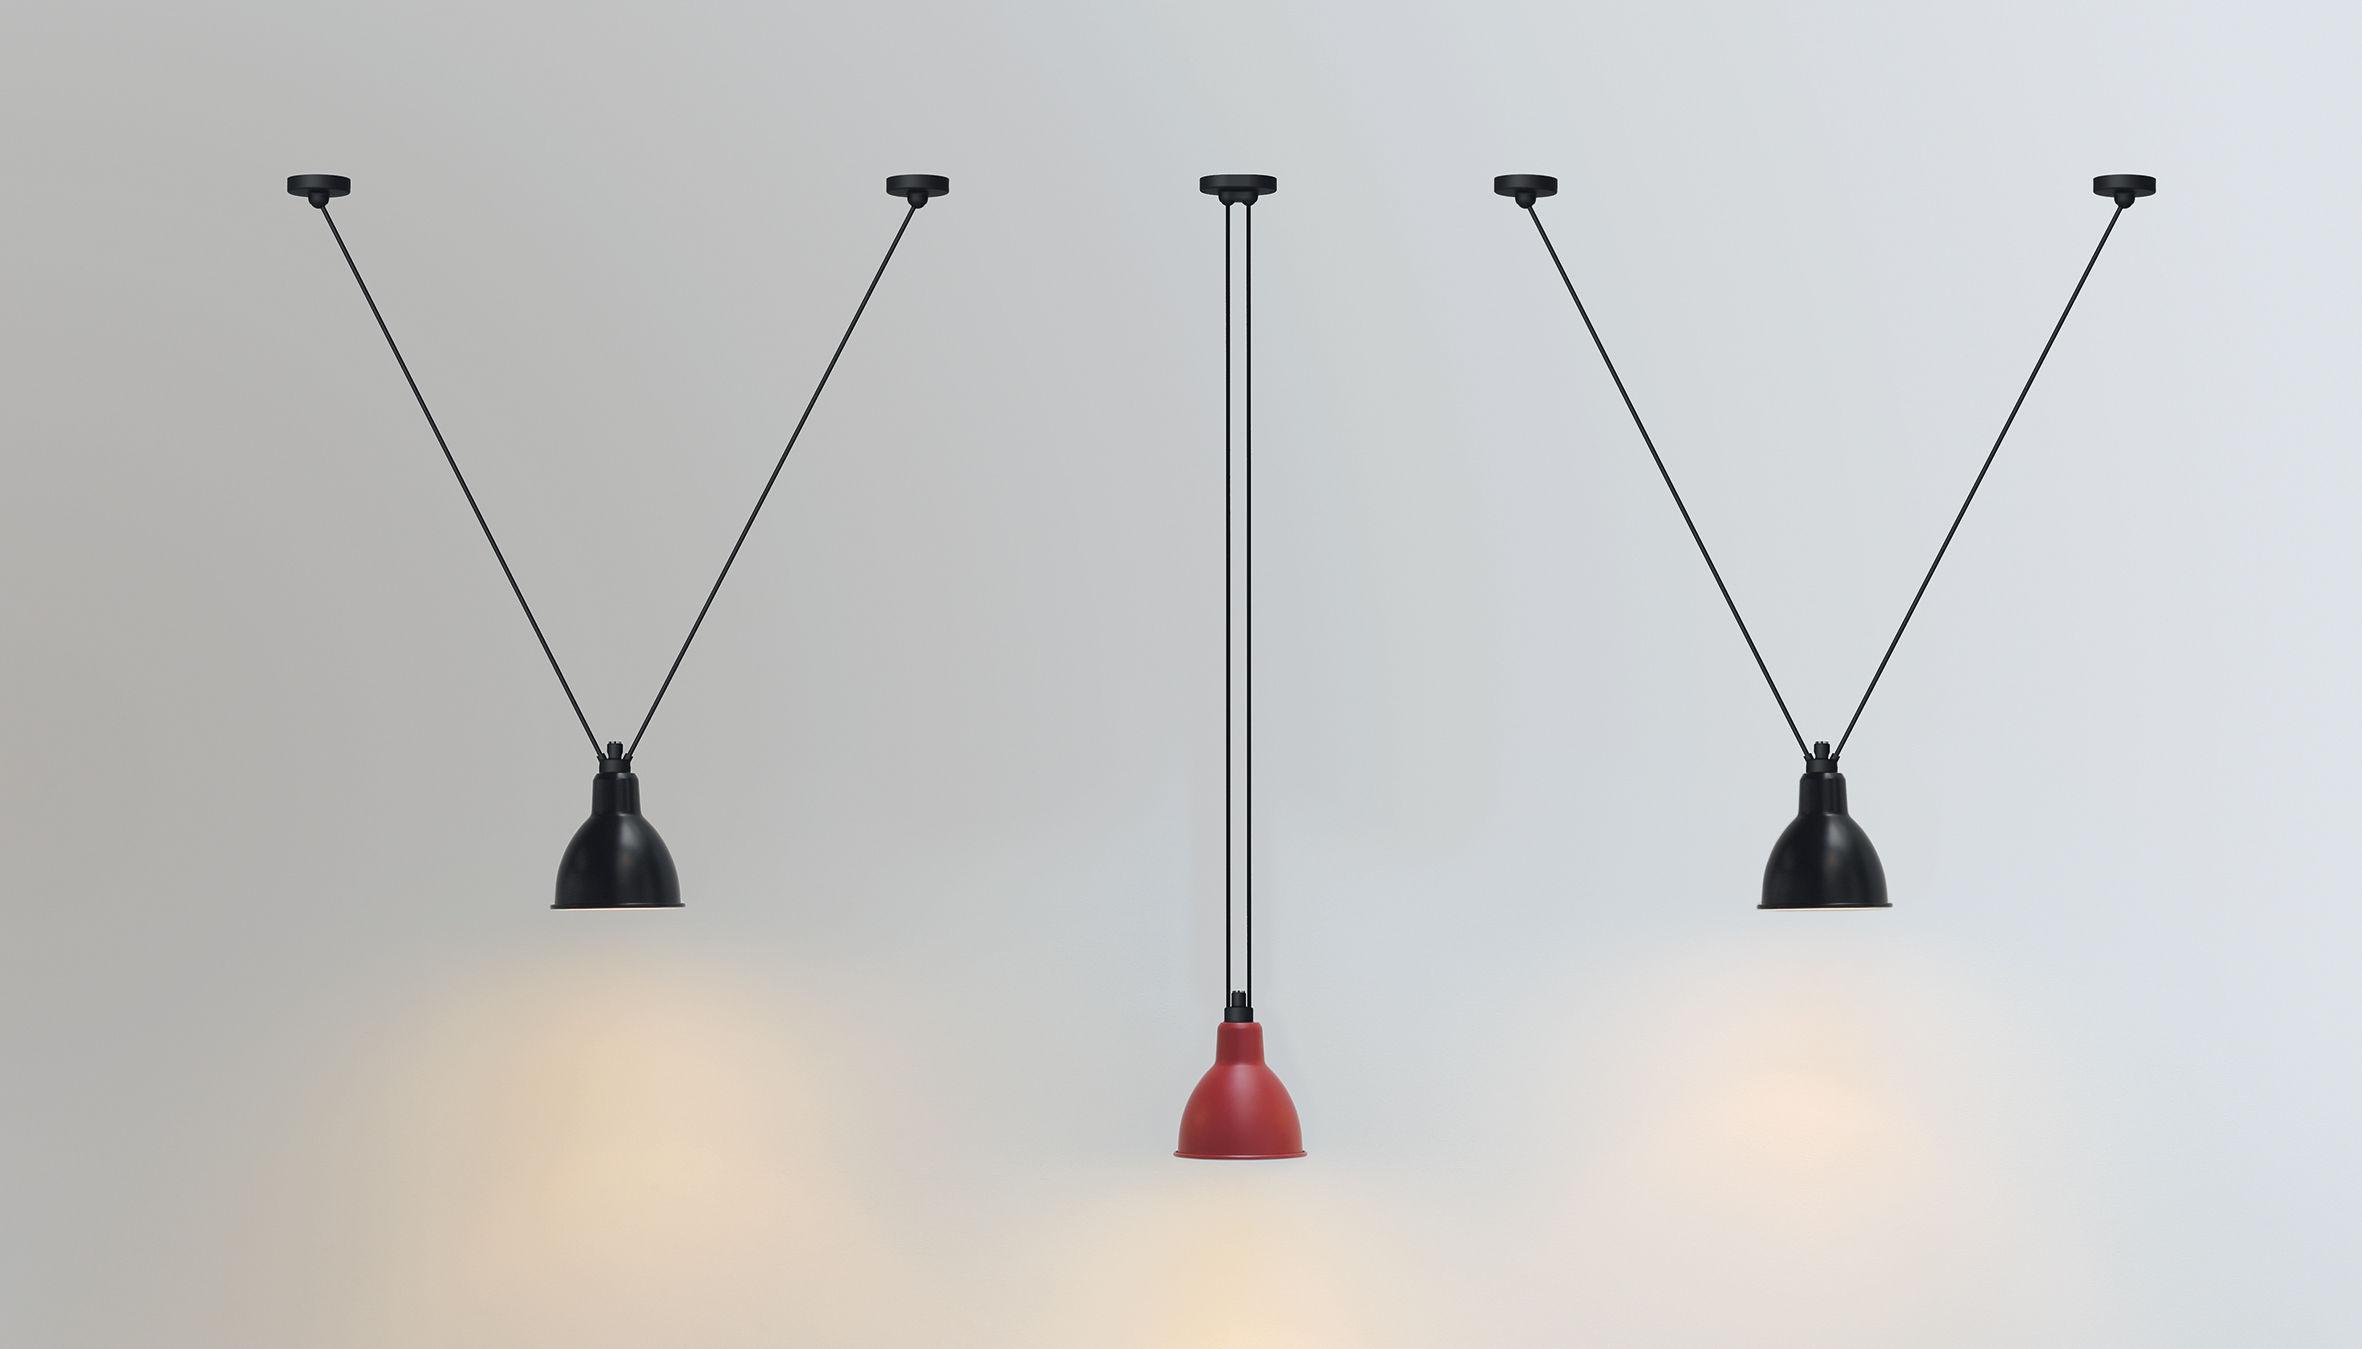 suspension acrobate n 323 lampe gras 1 abat jour rond m tal noir int rieur cuivre dcw. Black Bedroom Furniture Sets. Home Design Ideas